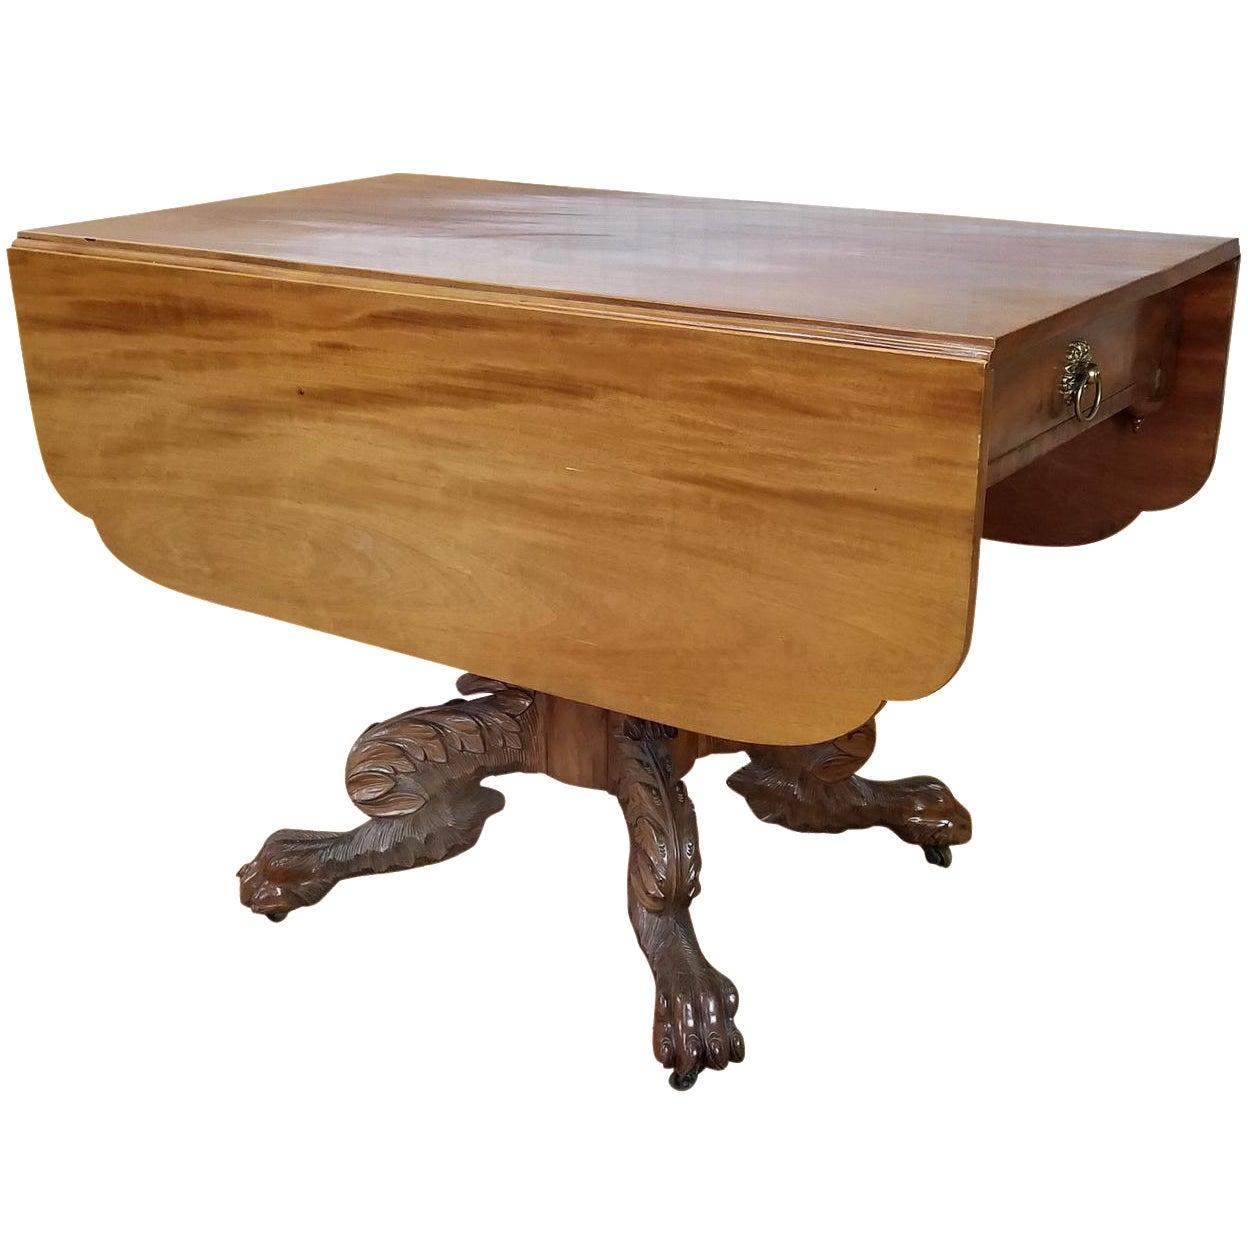 Antique American Empire Classical Mahogany Drop Leaf Table School Of